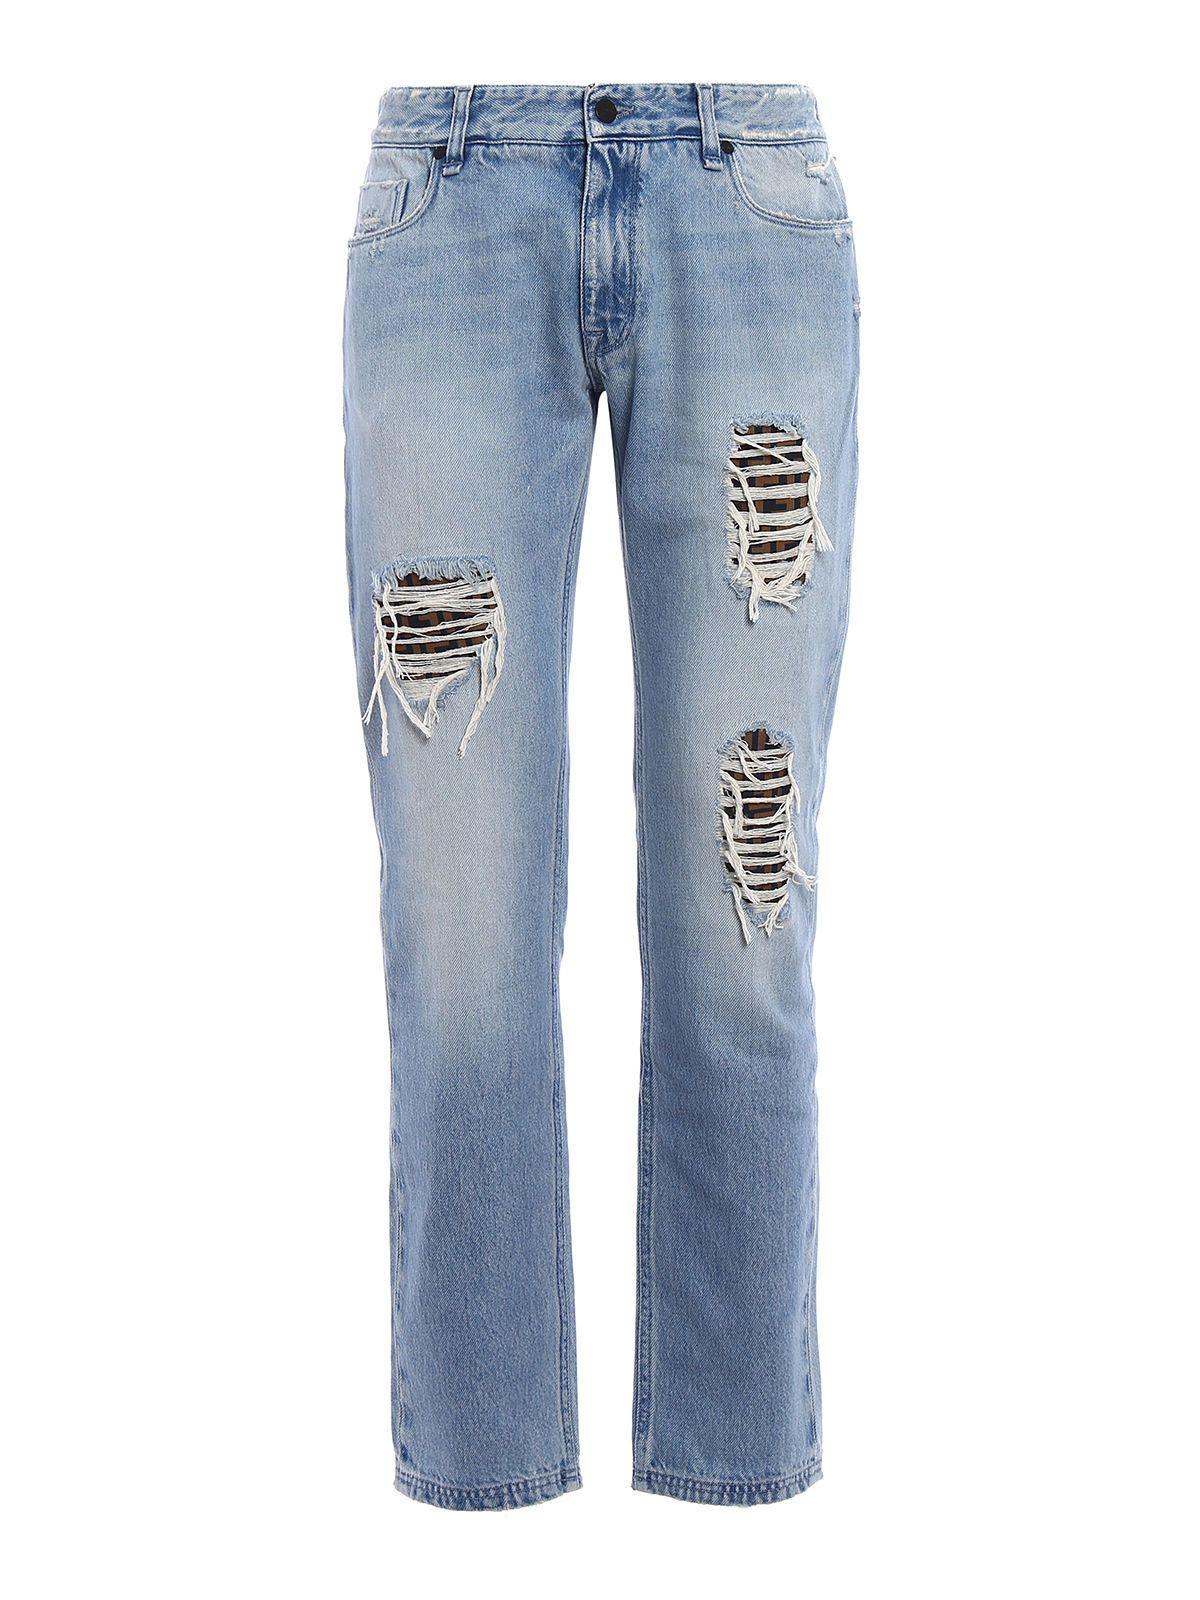 Jeans On Sale, Denim Blue, Cotton, 2017, 33 Fendi